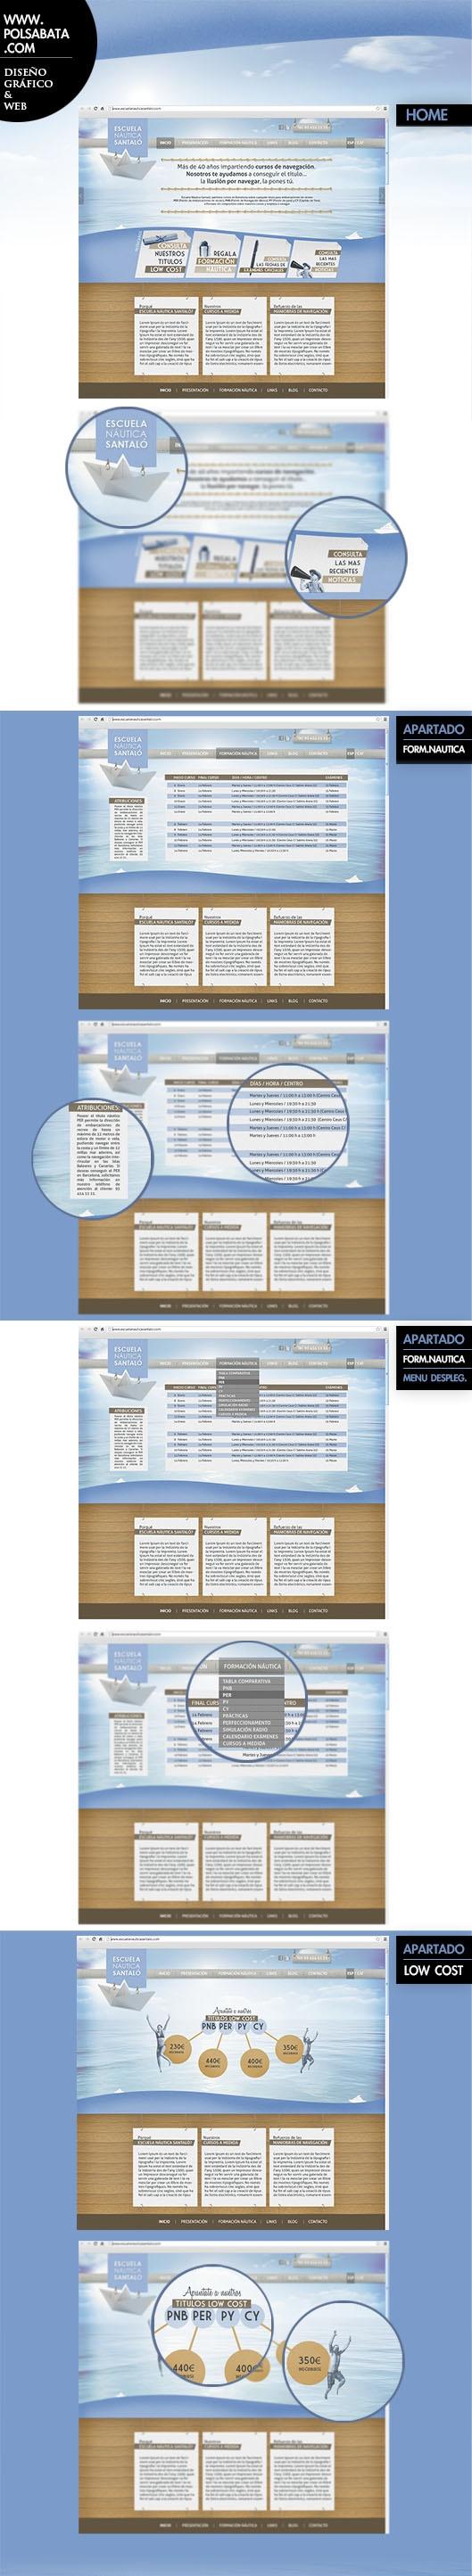 Diseño web para escuela náutica. Web design by www.polsabata.com